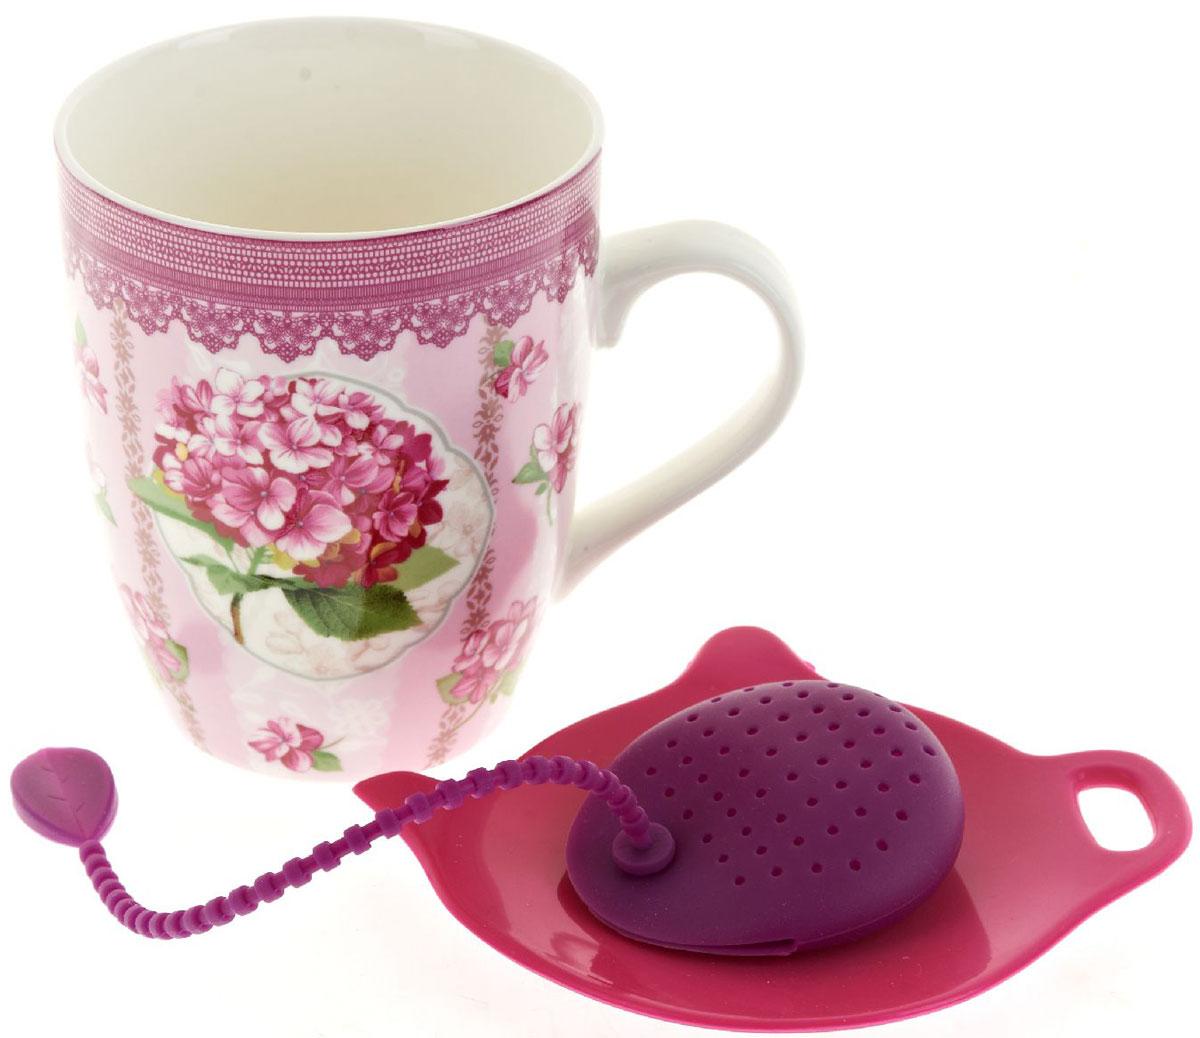 Кружка Nouvelle De France Розовая гортензия, с фильтром, с подставкой под чайный пакетик, 340 млM0661260Оригинальная кружка Nouvelle, с крышкой с ситечком для заварки с подставкой под чайный пакетик, выполненная из высококачественного фарфора, сочетает в себе изысканный дизайн с максимальной функциональностью. Красочность оформления кружки придется по вкусу и ценителям классики, и тем, кто предпочитает утонченность и изысканность. В комплект входит кружка с крышкой, ситечко и подставка. Можно использовать в ПММ.